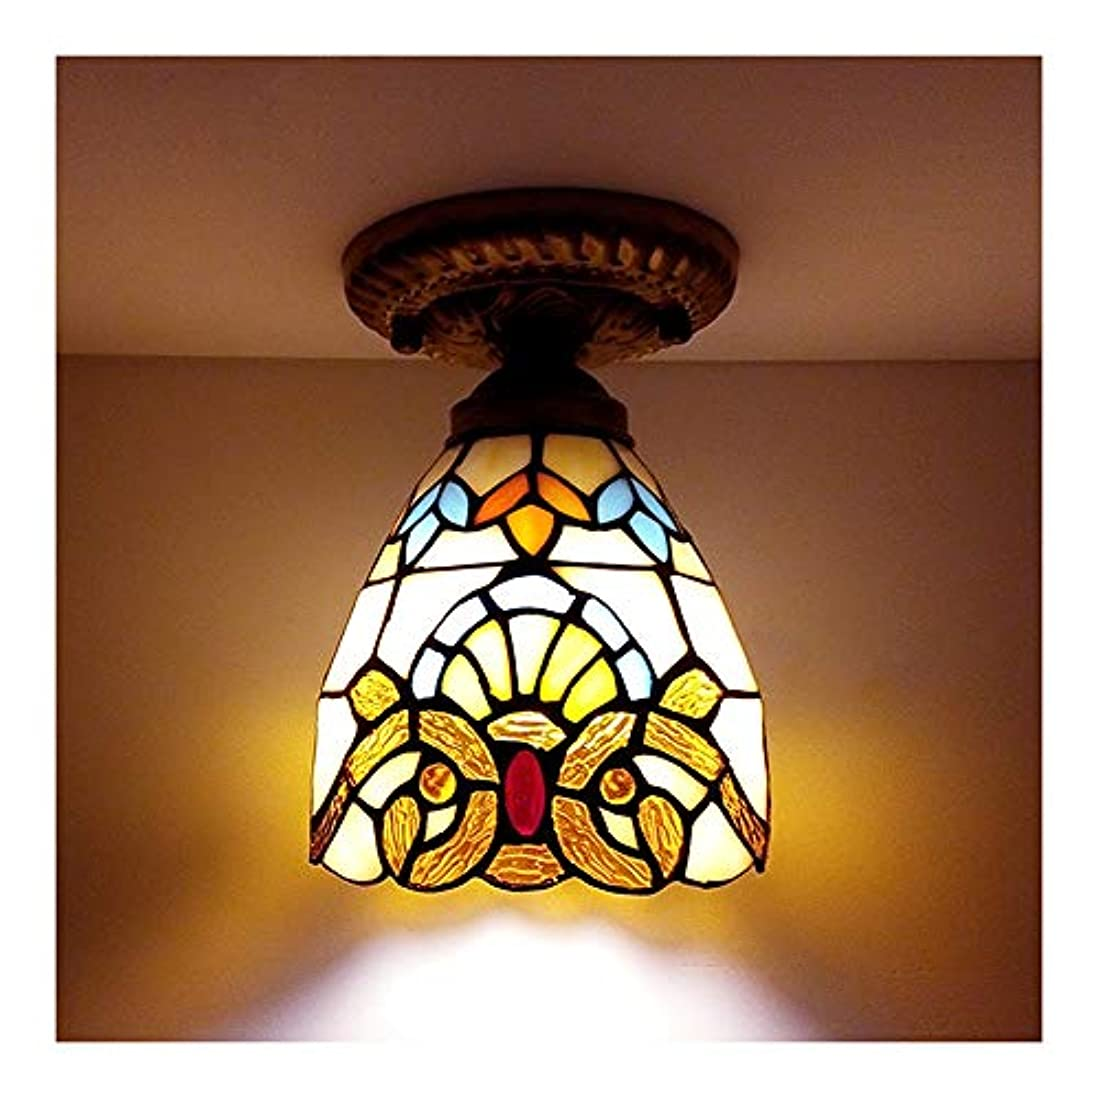 横ナンセンス指シーリングライトティファニースタイルのステンドグラスShadelampセミフラッシュマウント天井照明シーリングランプFixutre,D